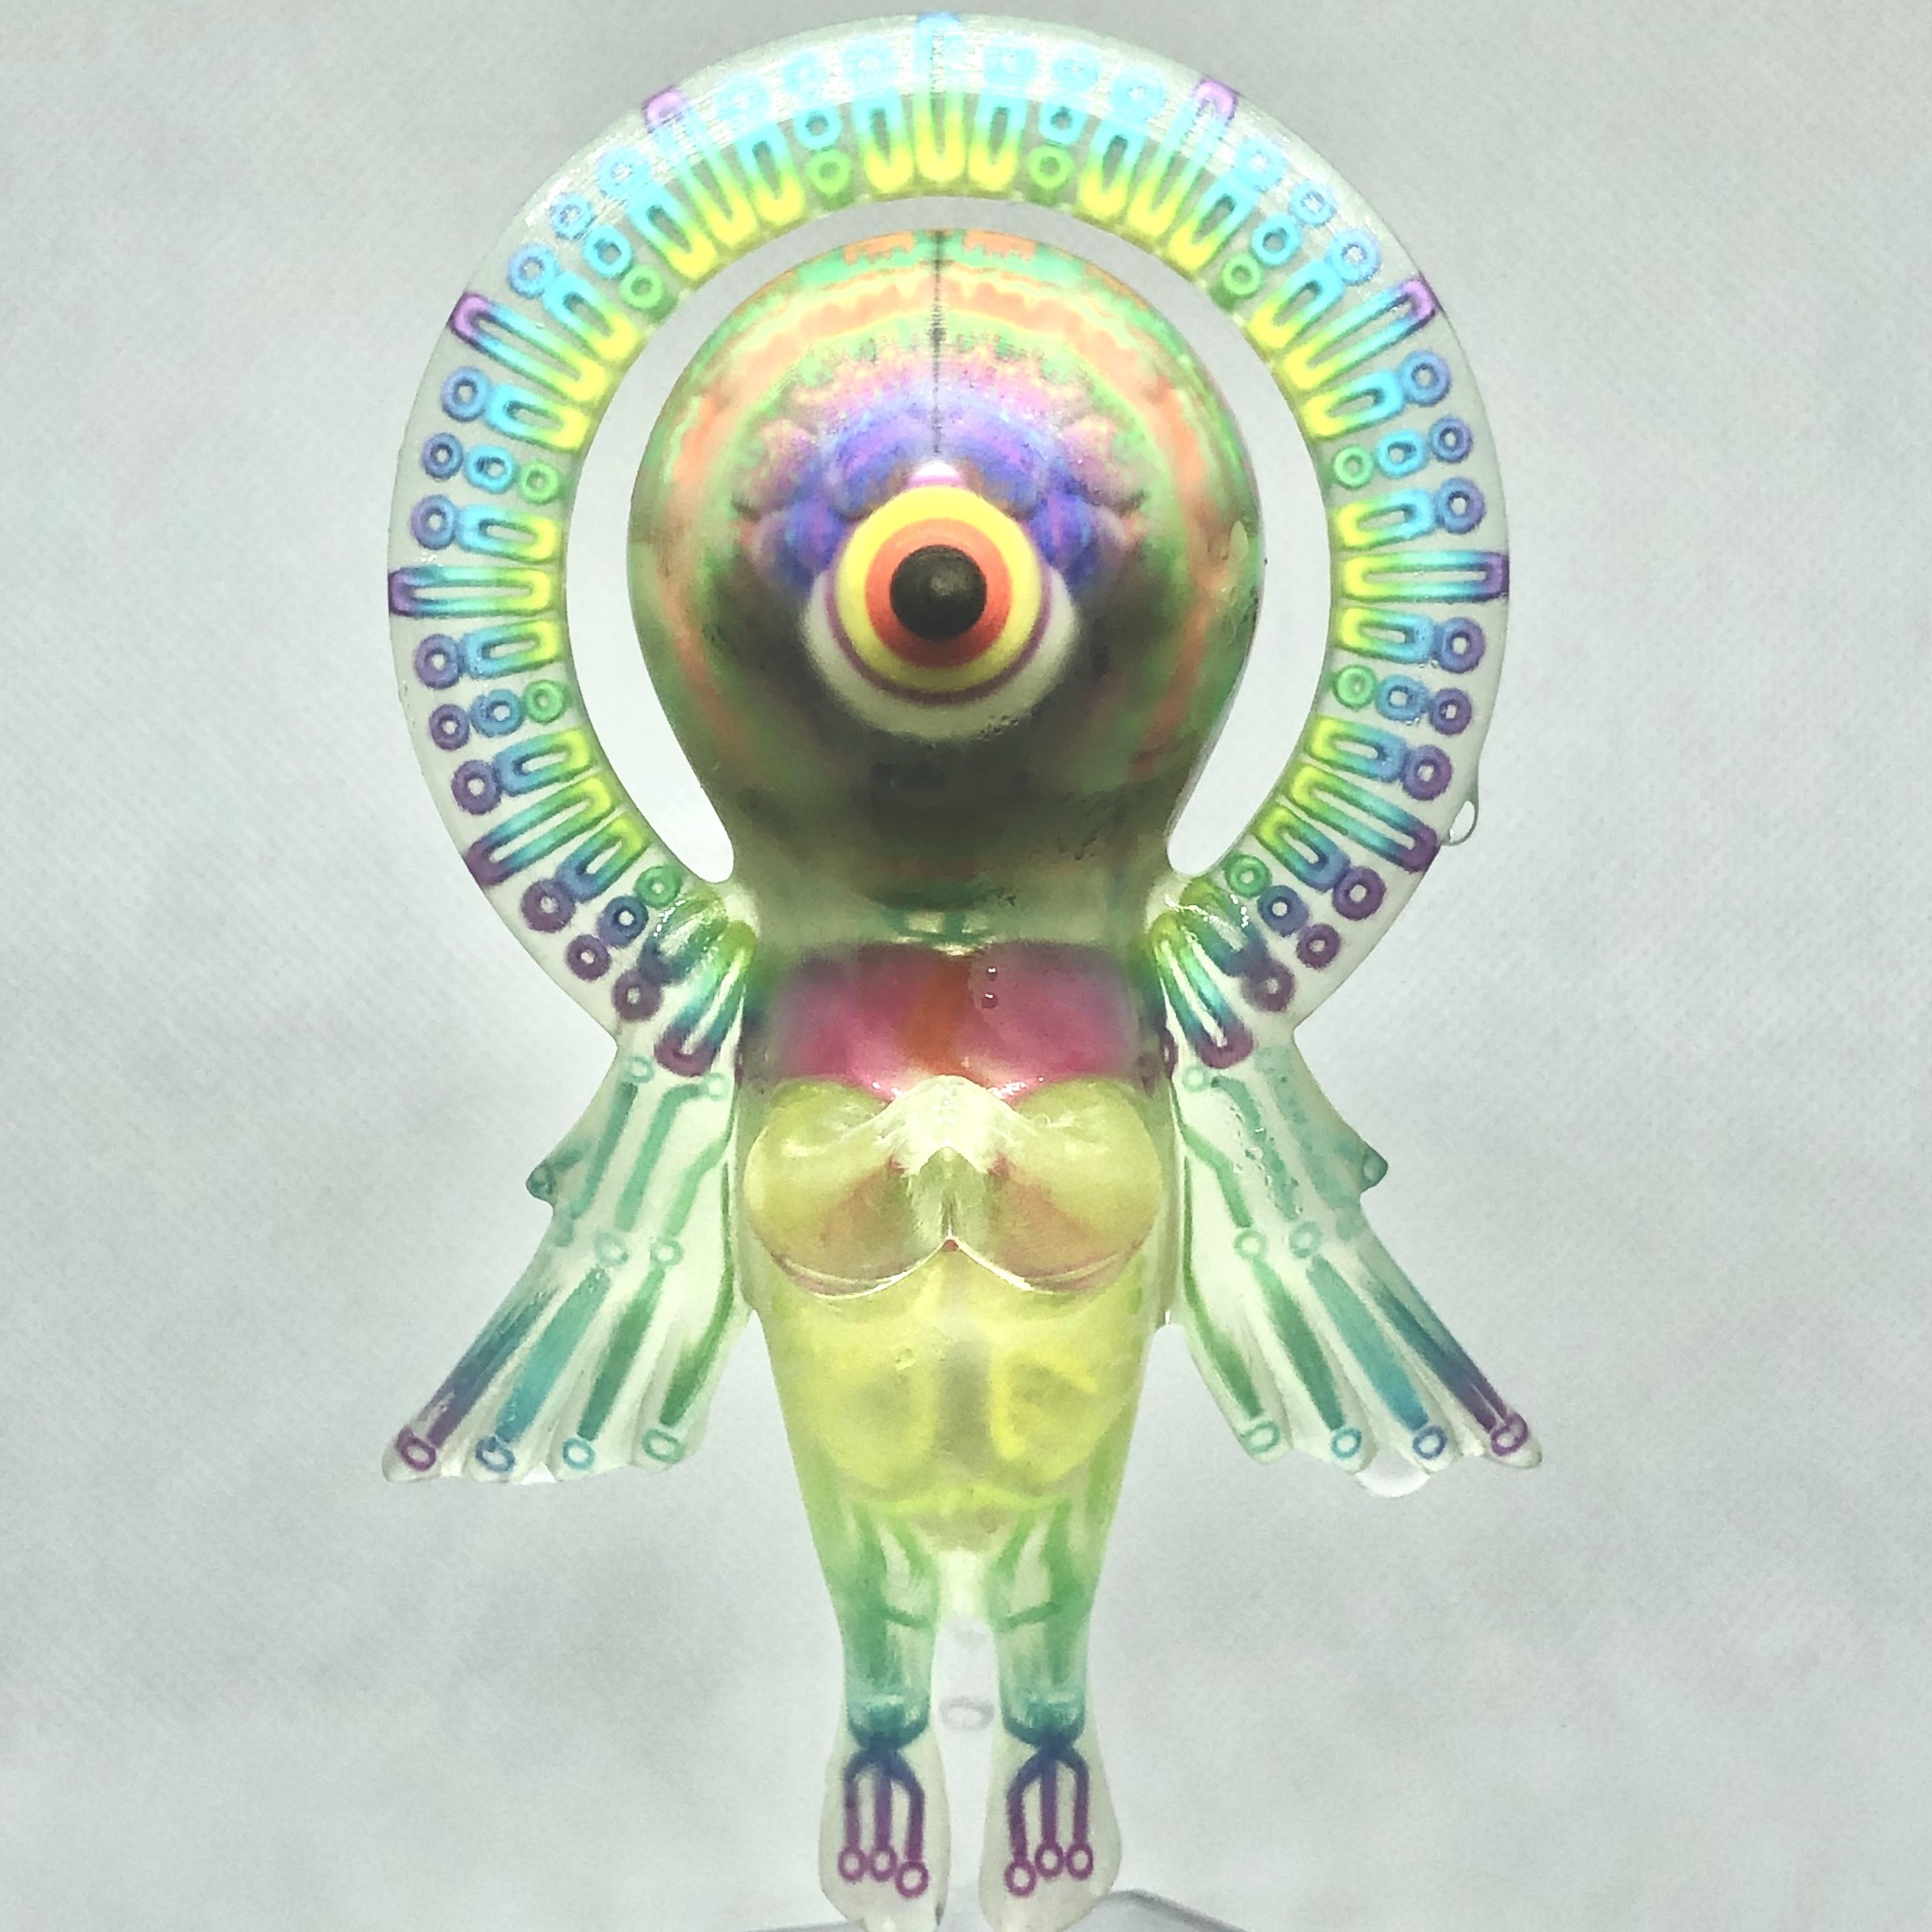 Taketo Kobayashi - PsychBrain.jpg